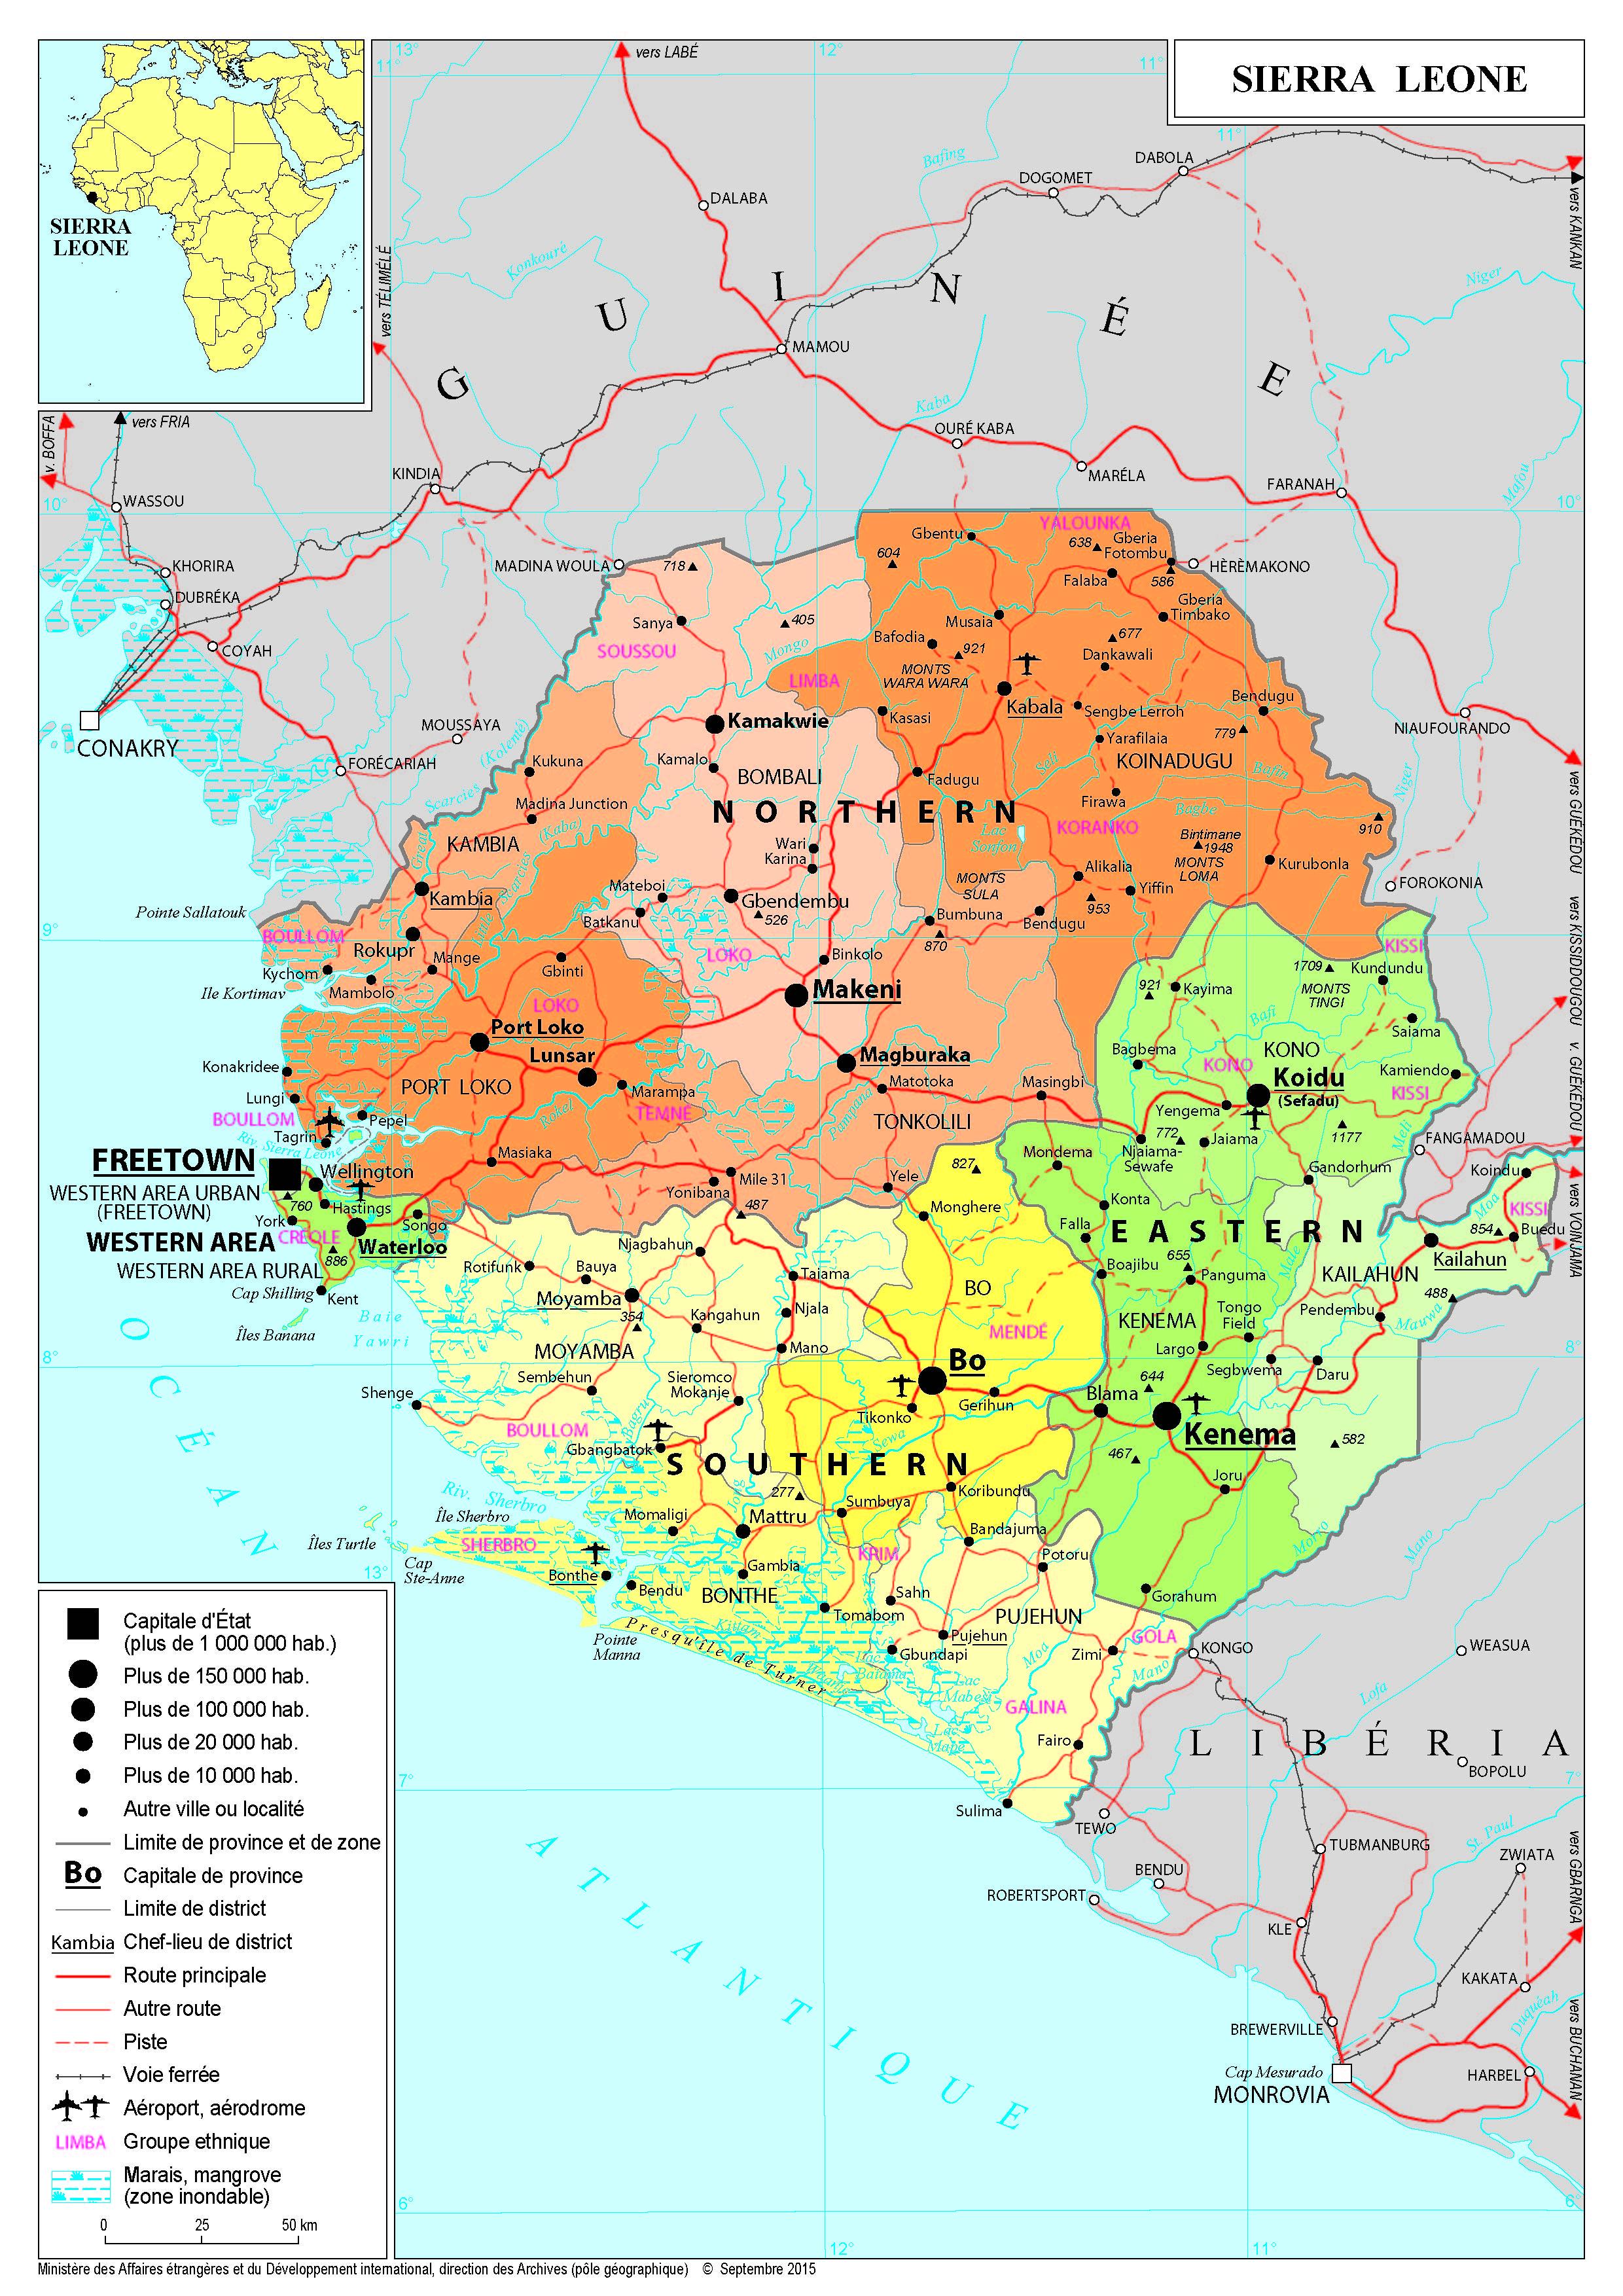 Présentation de la Sierra Leone - Ministère de l'Europe et des Affaires étrangères